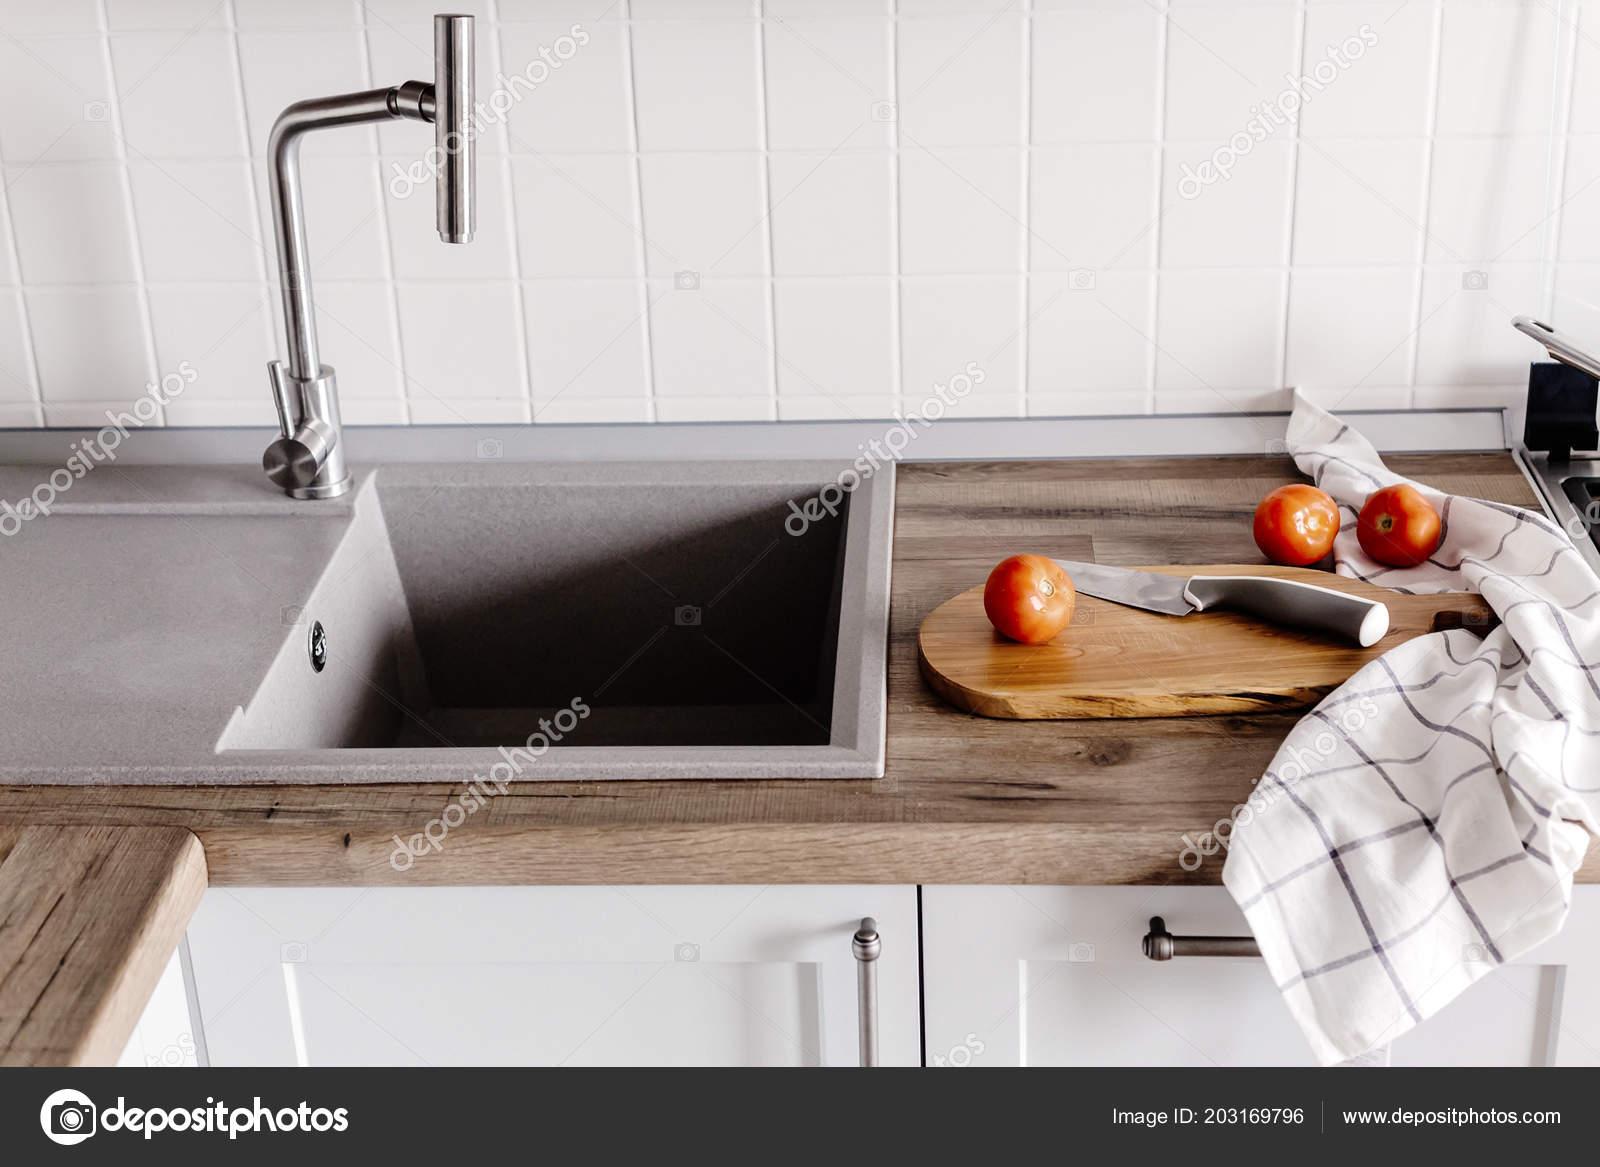 Holzbrett Mit Messer Tomaten Handtuch Gewurze Auf Moderne